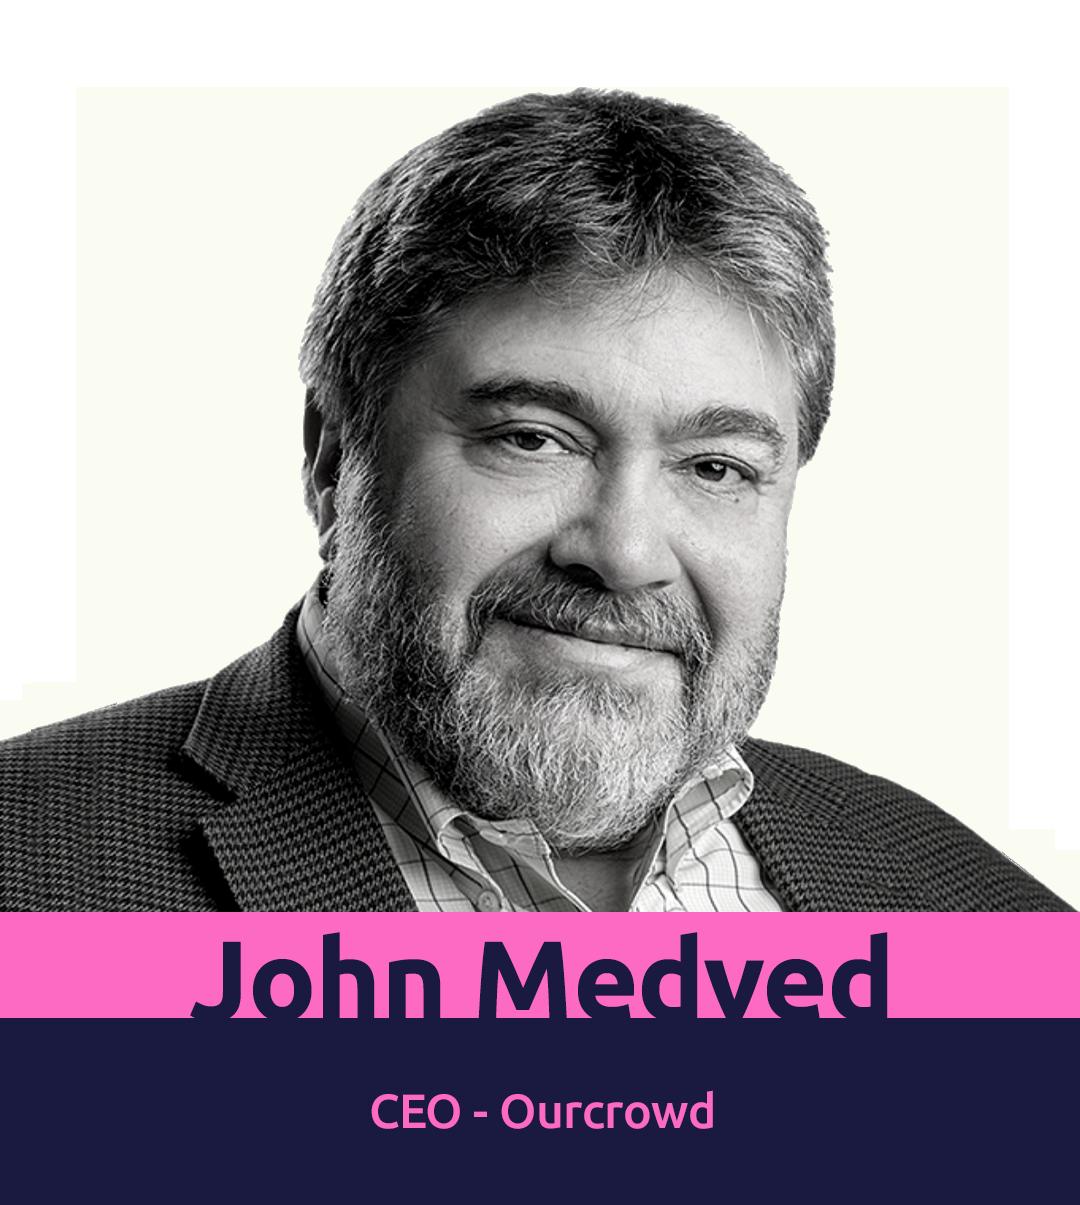 John Medved